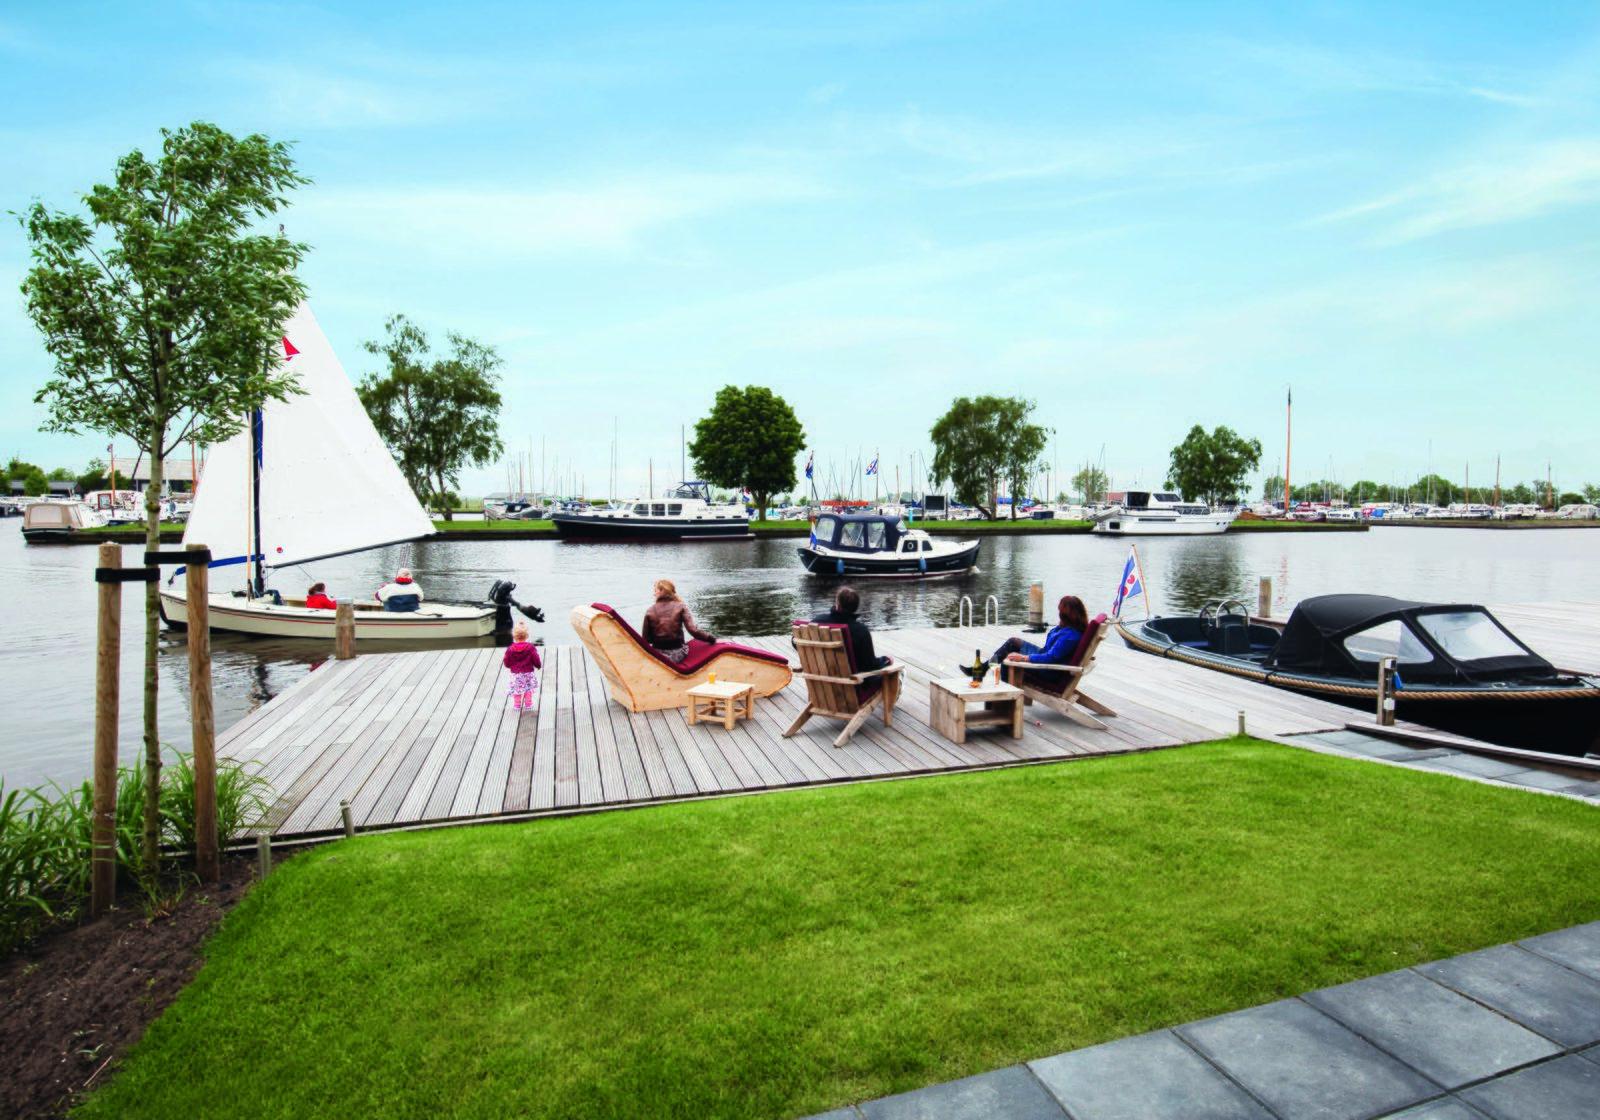 Vakantiepark Witterzomer   Camping met viswater Drenthe